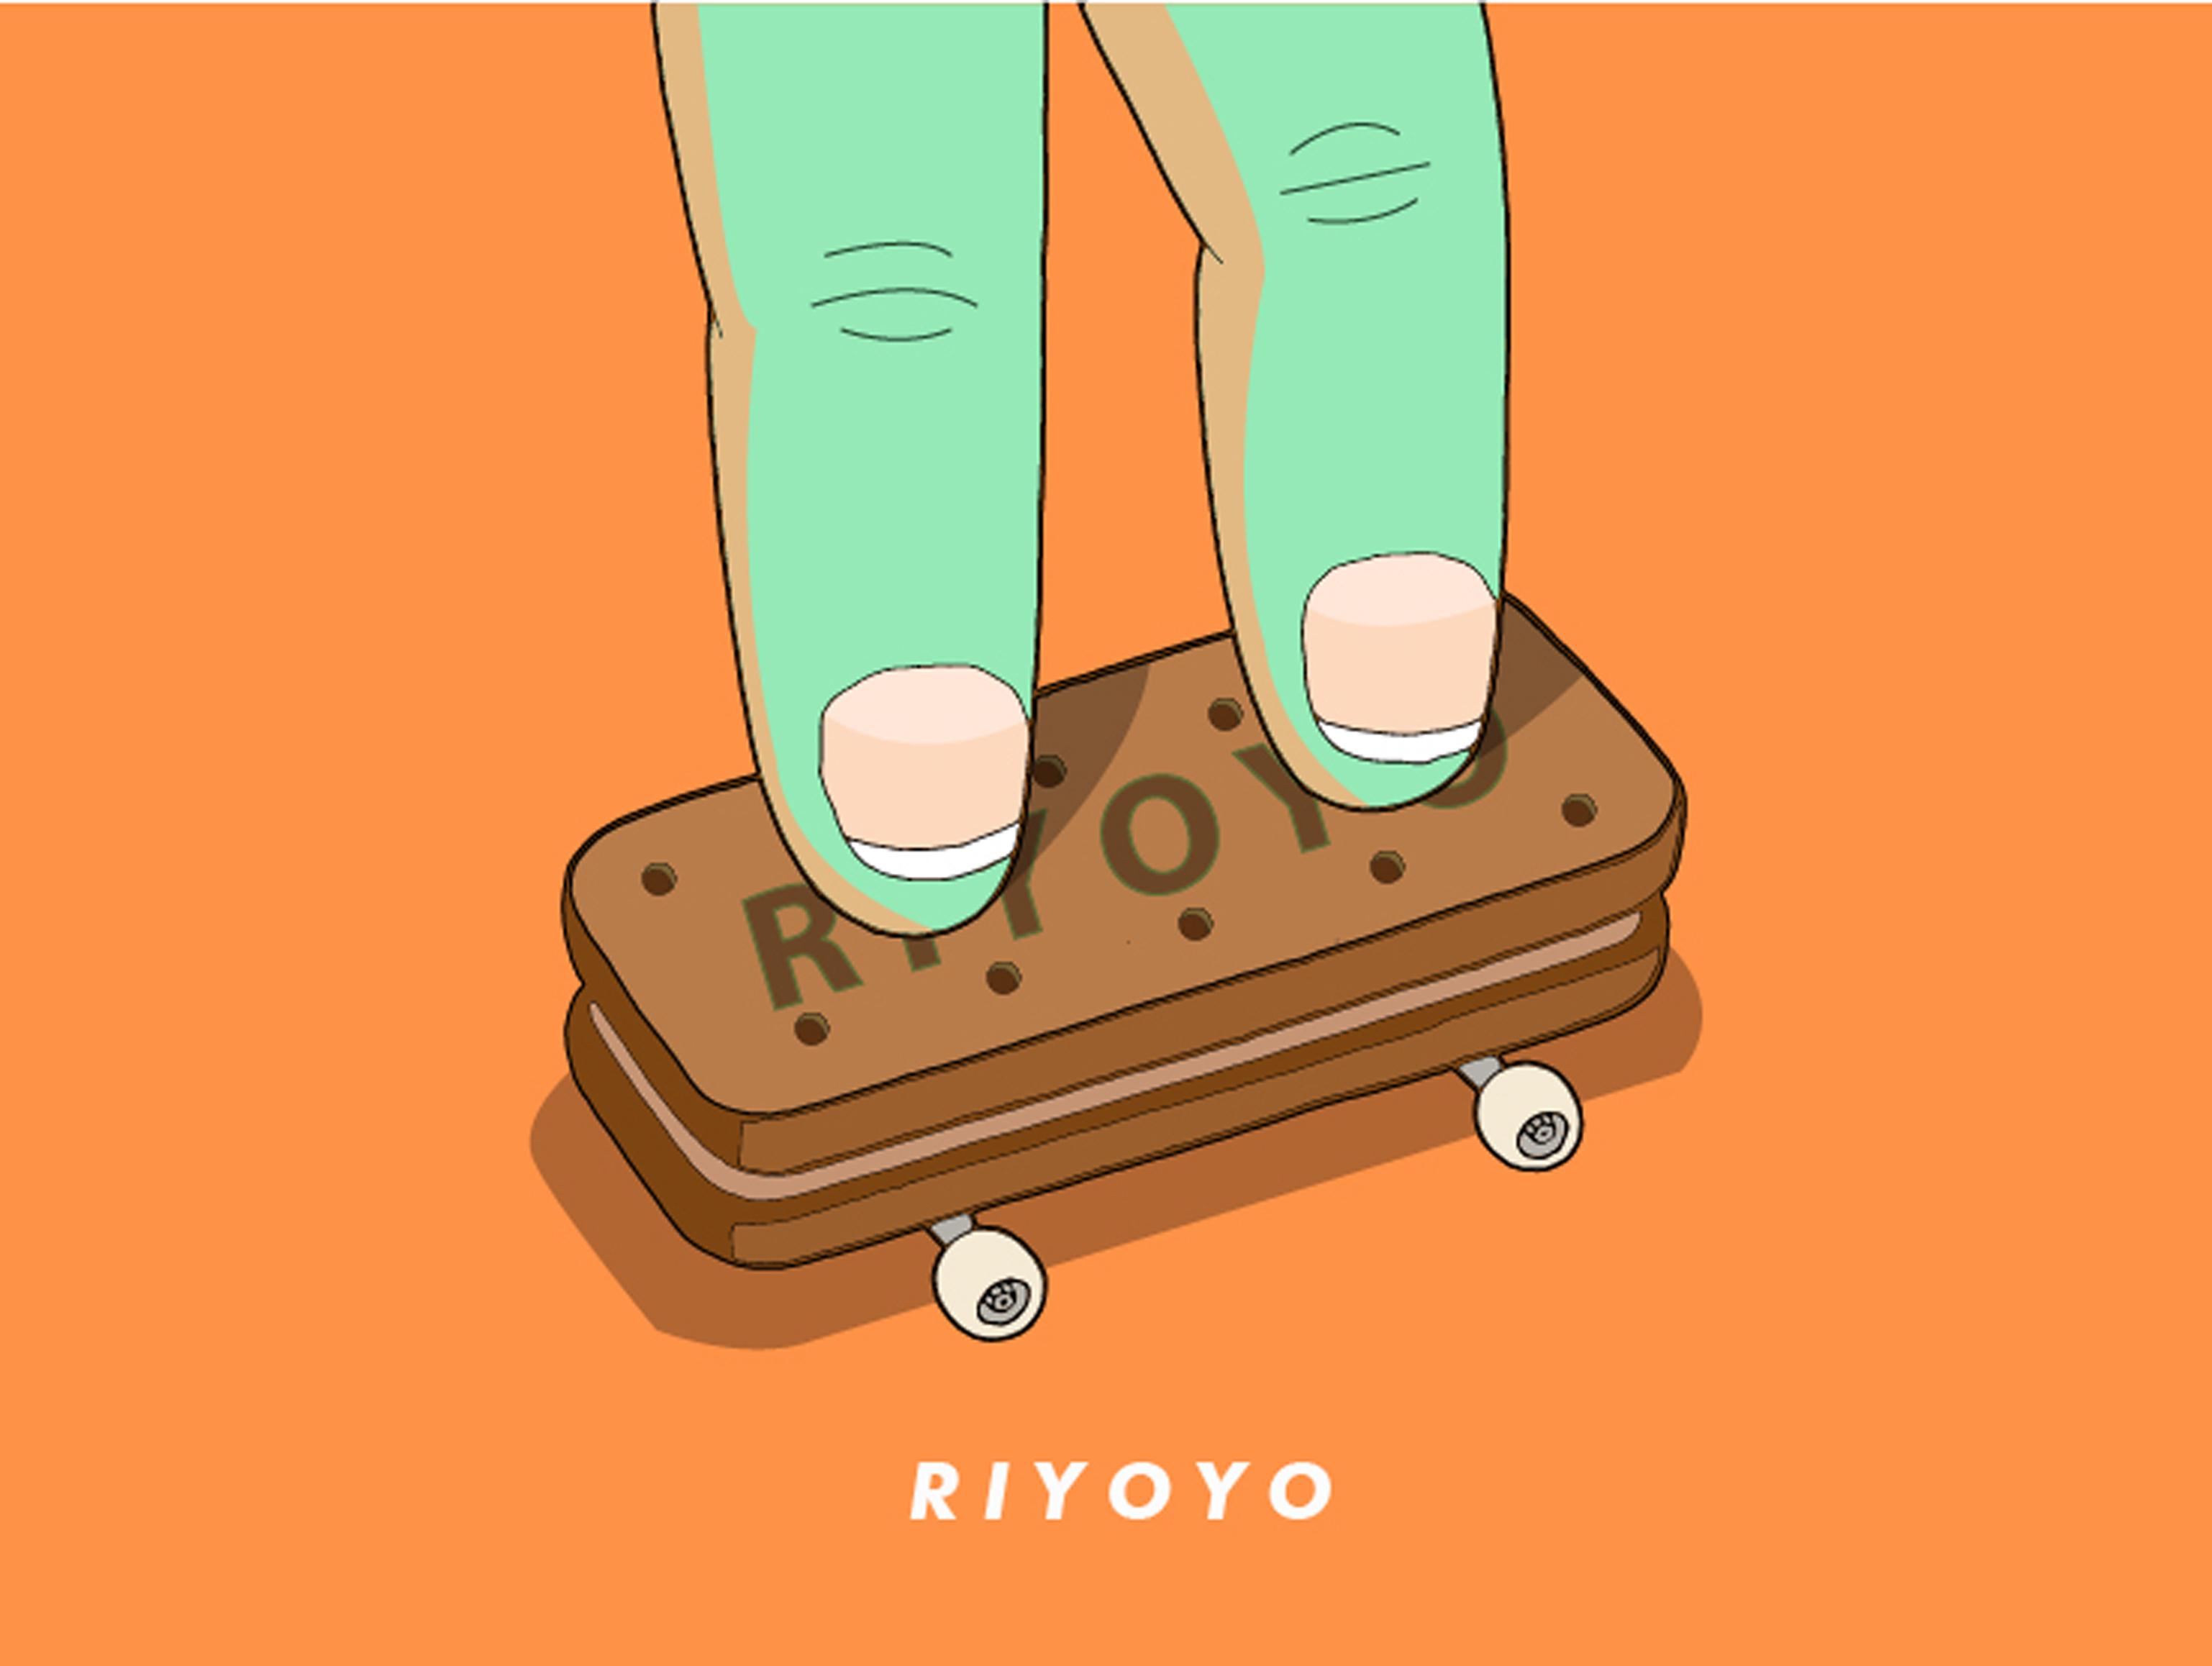 Riyoyo2 192aaa6919